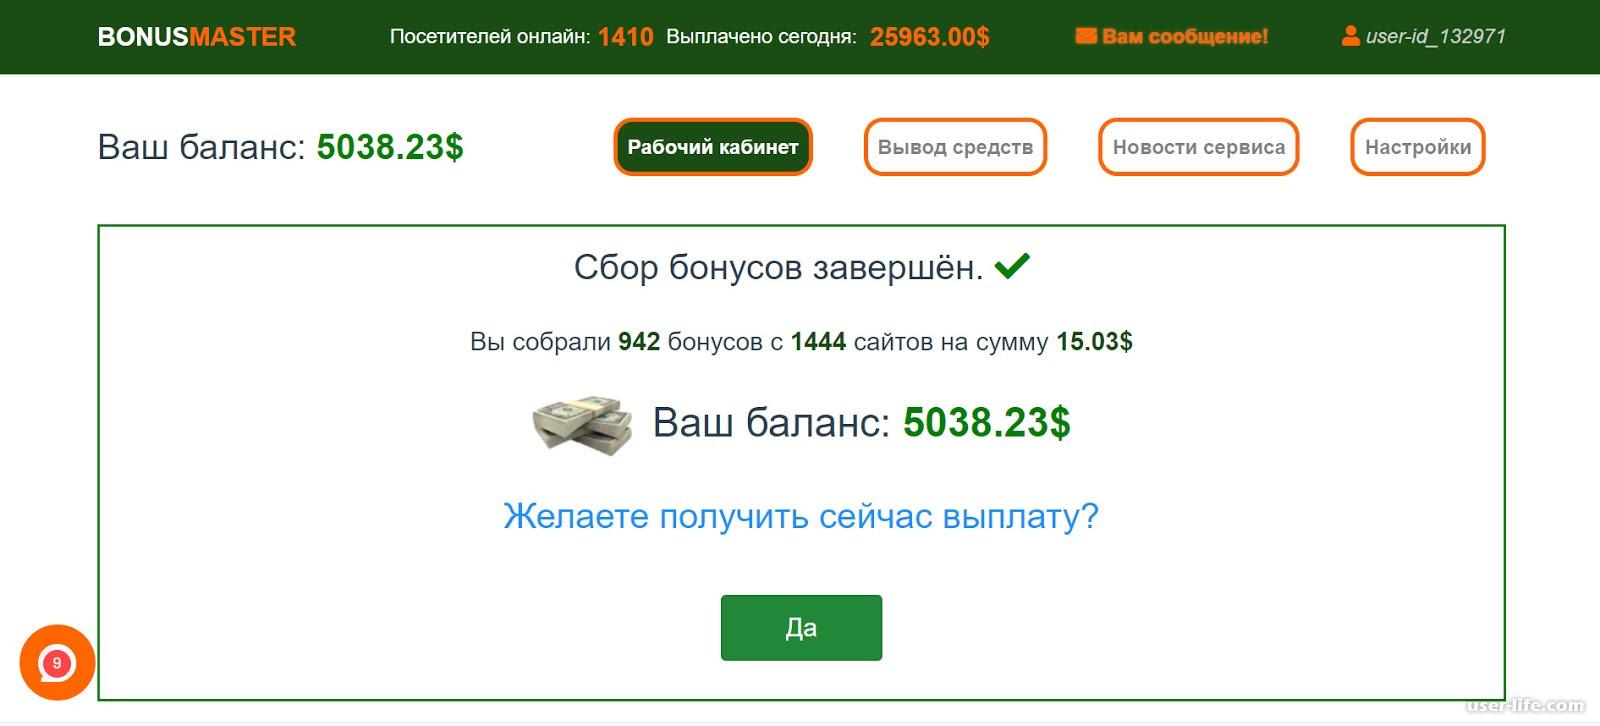 иностранных сборщик казино скачать бонусов wmz